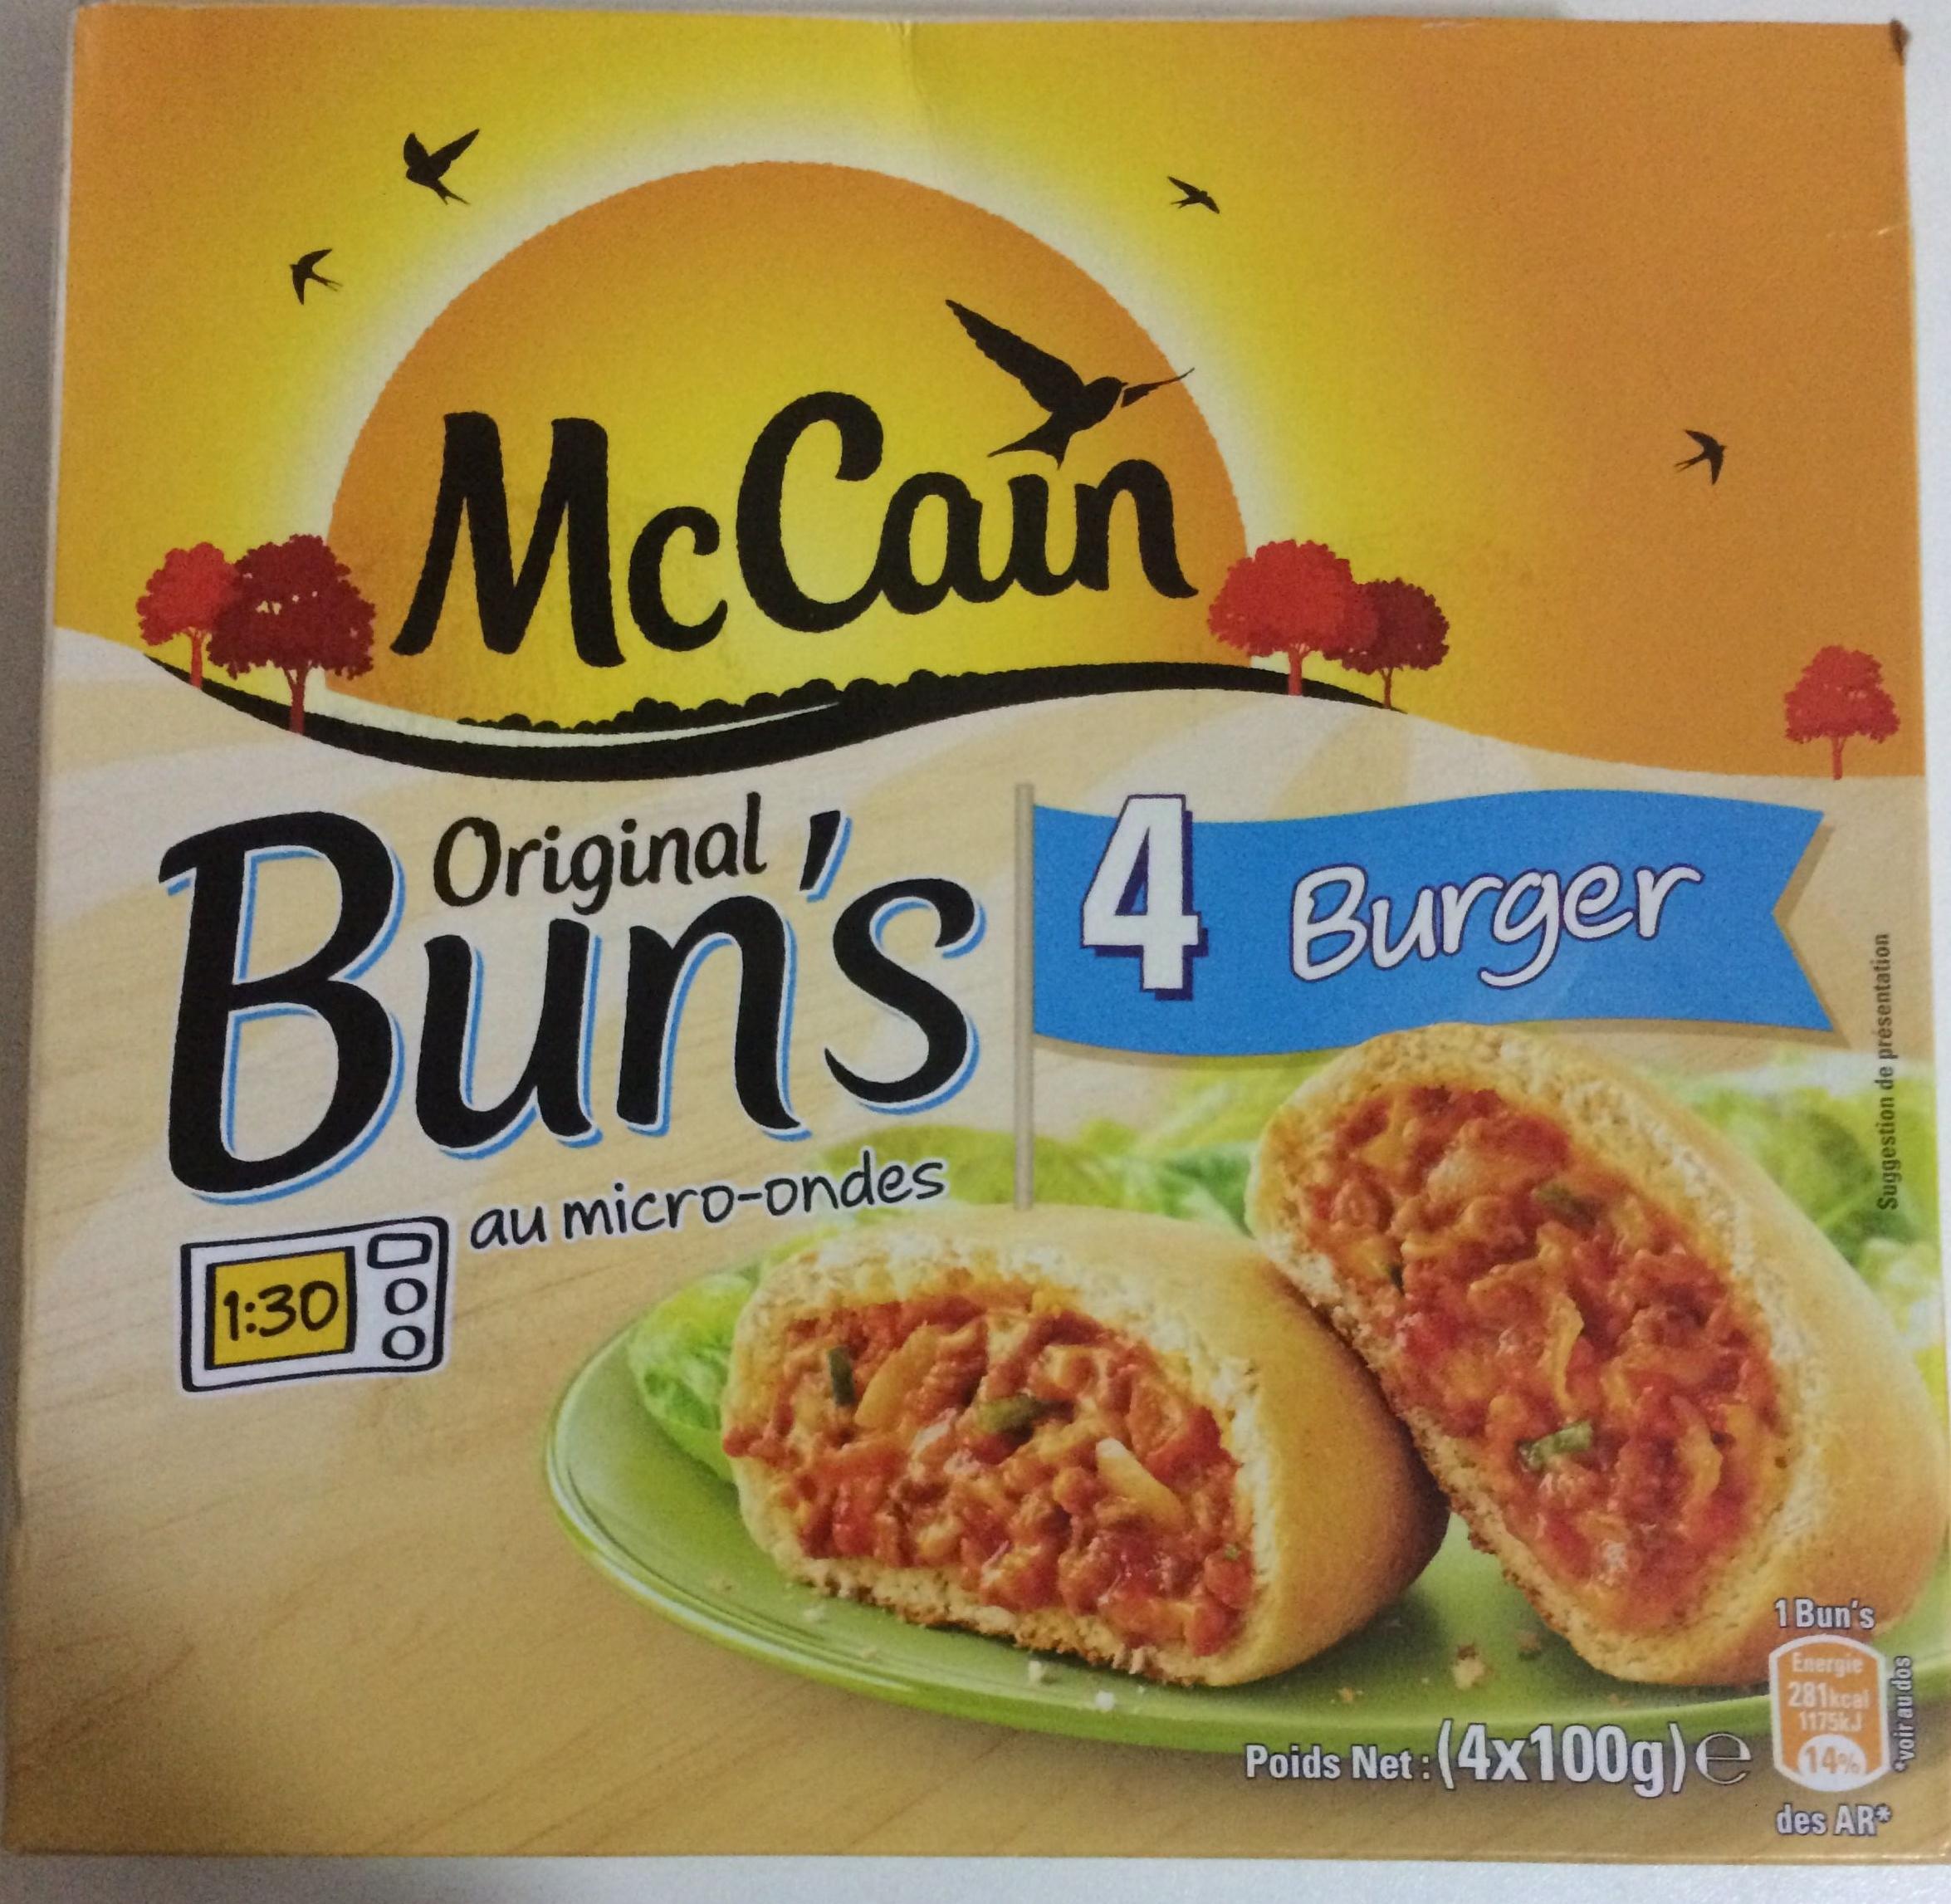 Original Bun's 4 Burger - Product - fr